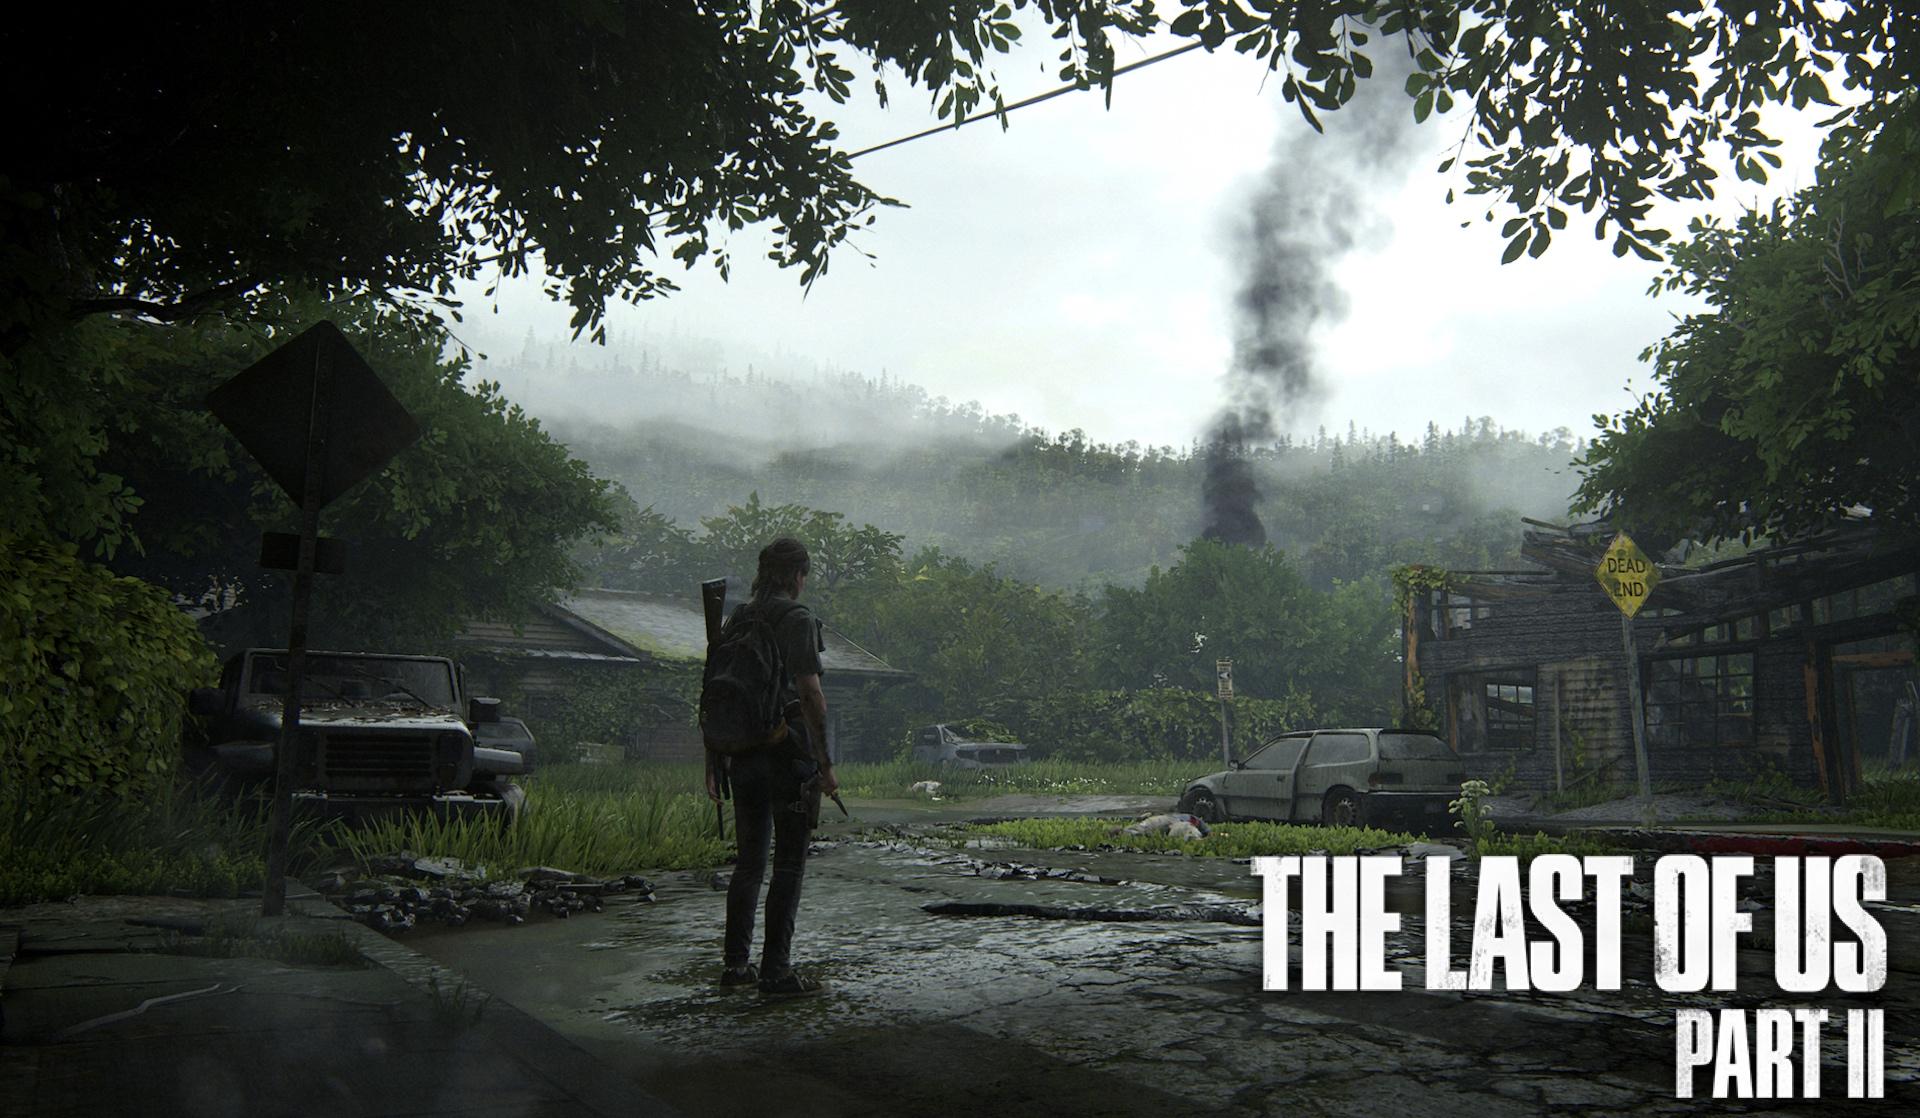 مجموعه ویدئوهای The Last of Us II: داستانِ بازی